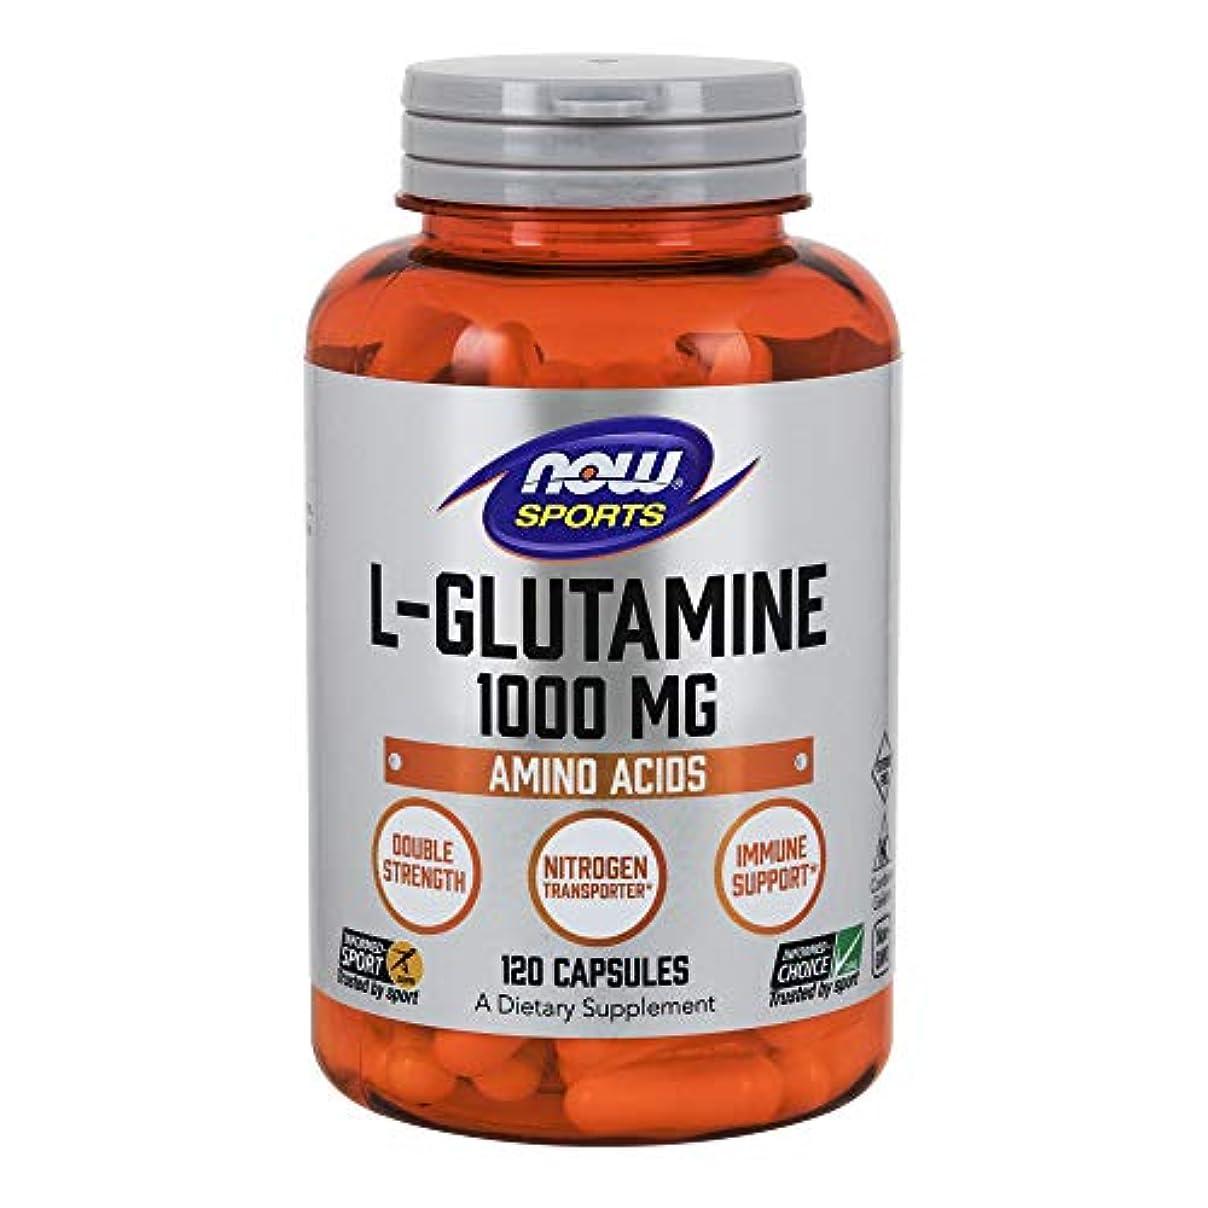 自信がある波紋ダッシュ[海外直送品] ナウフーズ  - Lグルタミンの二重強さ 1000 mg。120カプセル